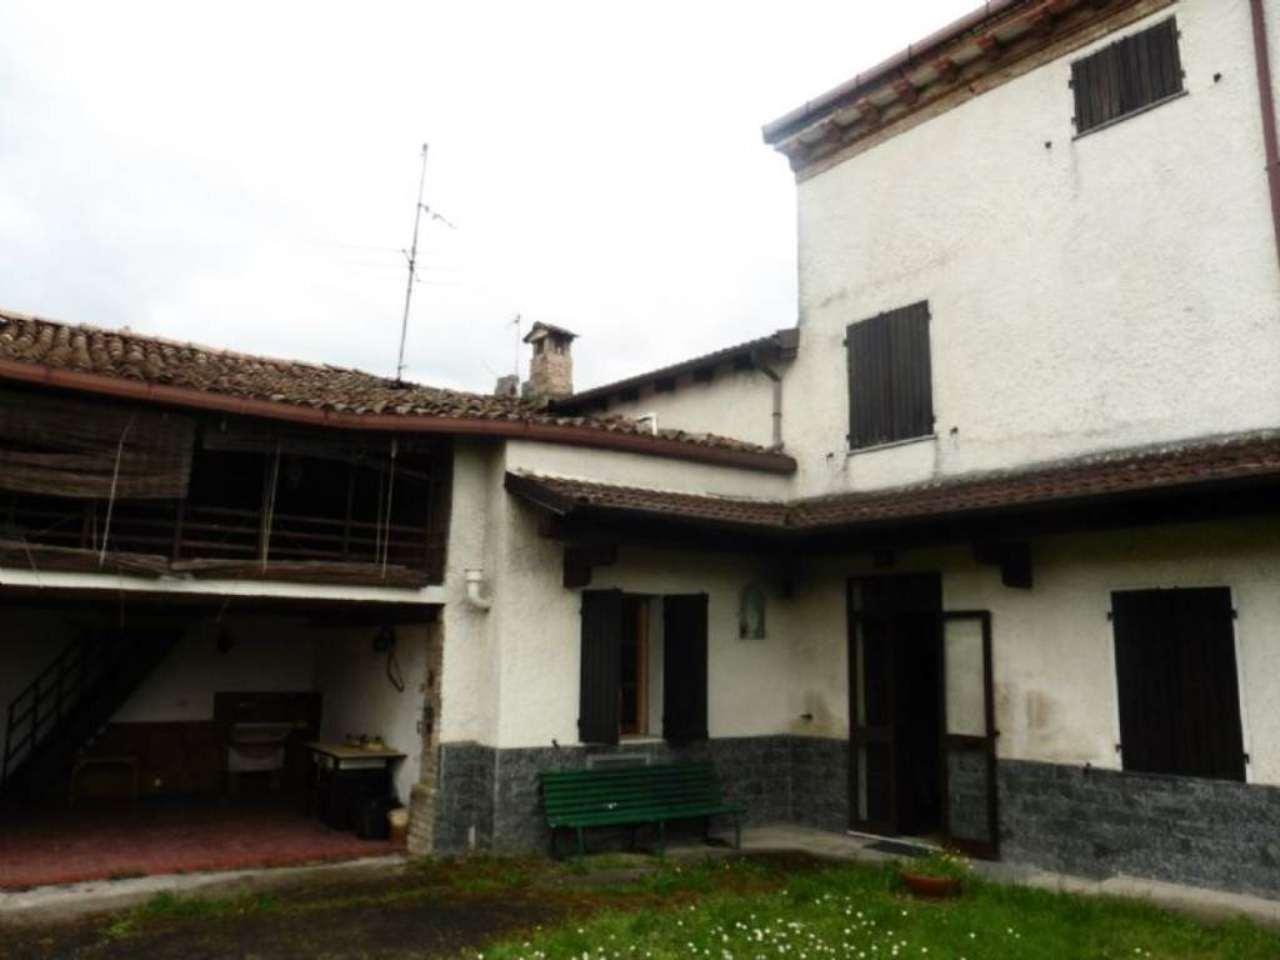 Rustico / Casale in vendita a Montemarzino, 9 locali, prezzo € 55.000 | PortaleAgenzieImmobiliari.it